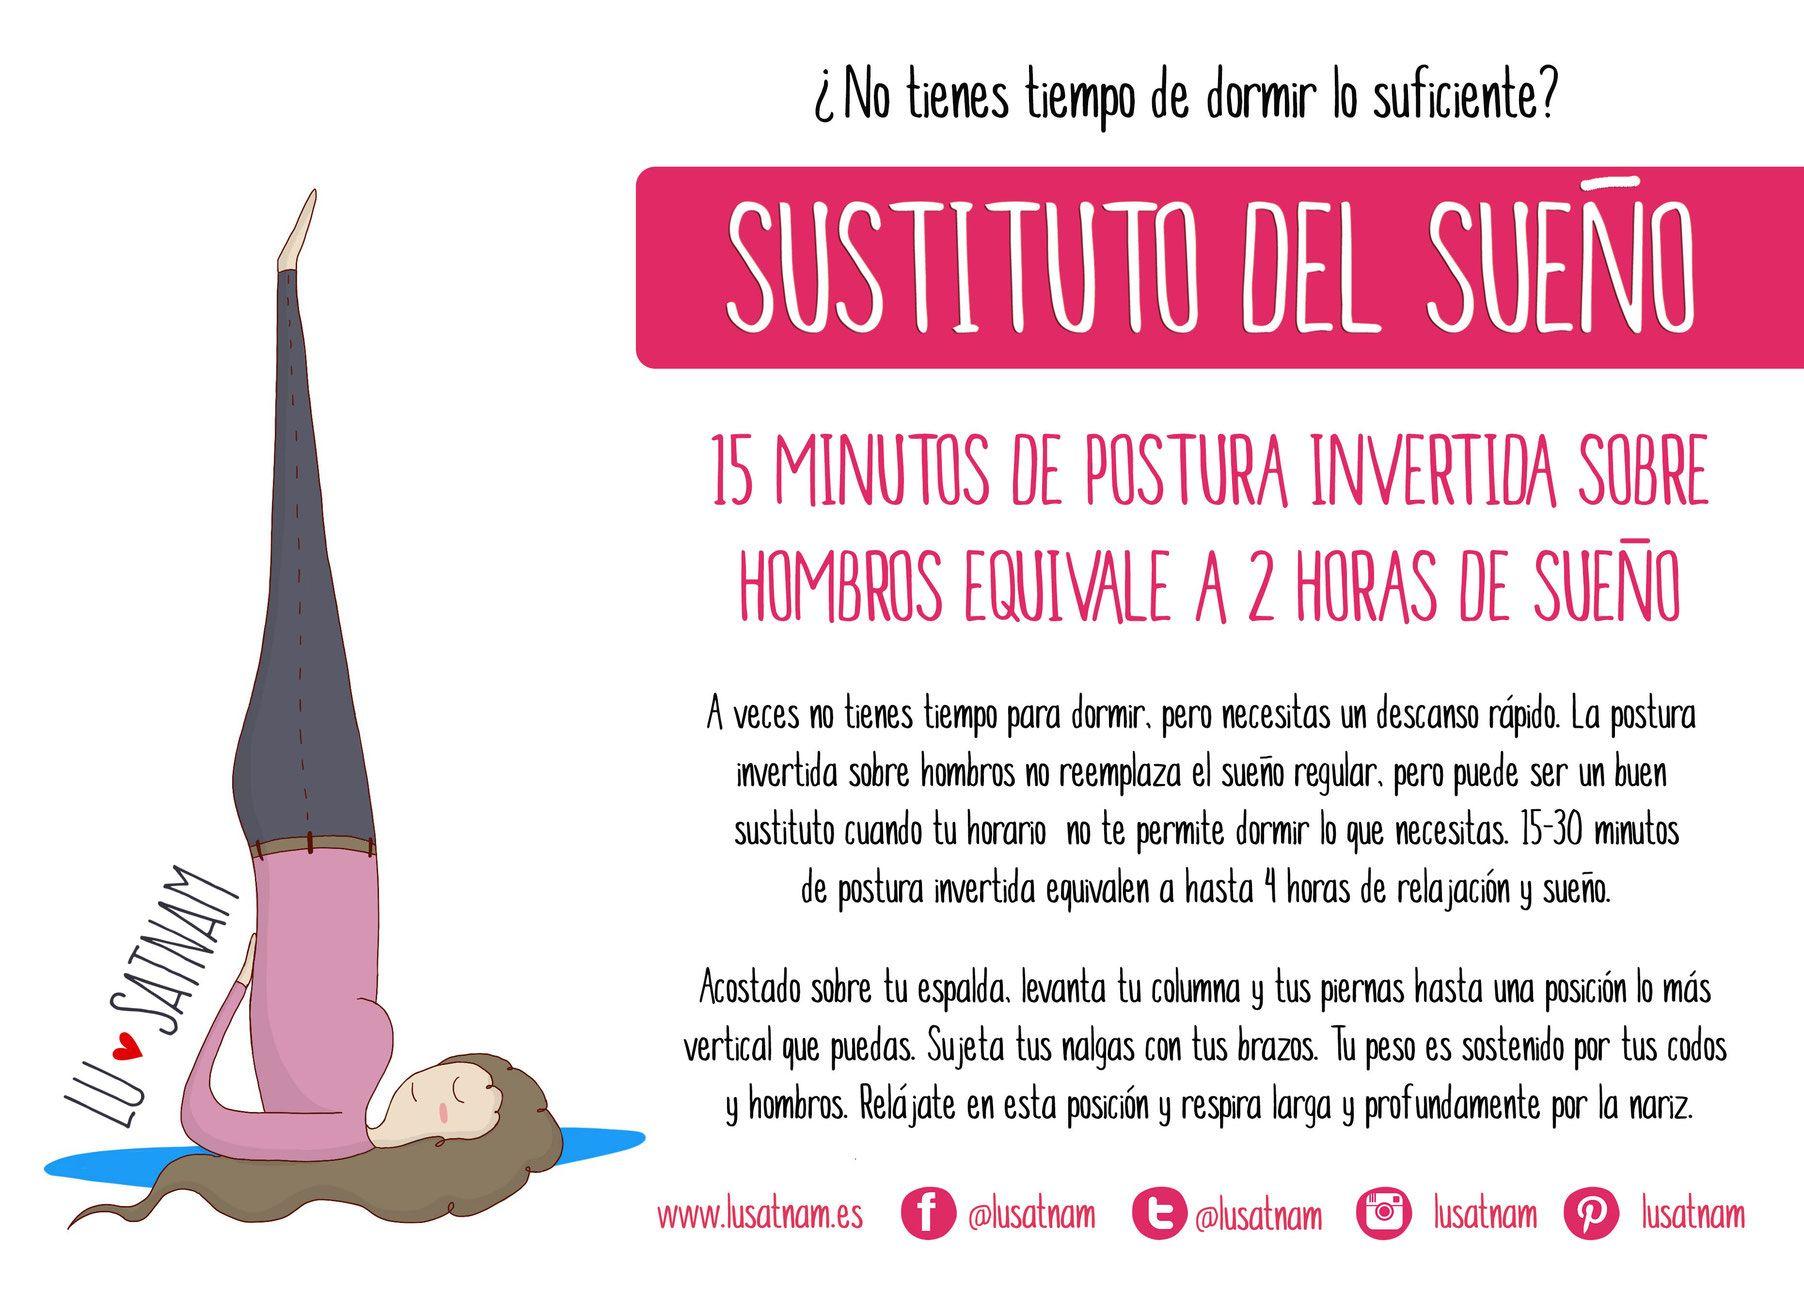 SUSTITUTO DEL SUEÑO | Yoga mantras, Yoga kundalini y ...